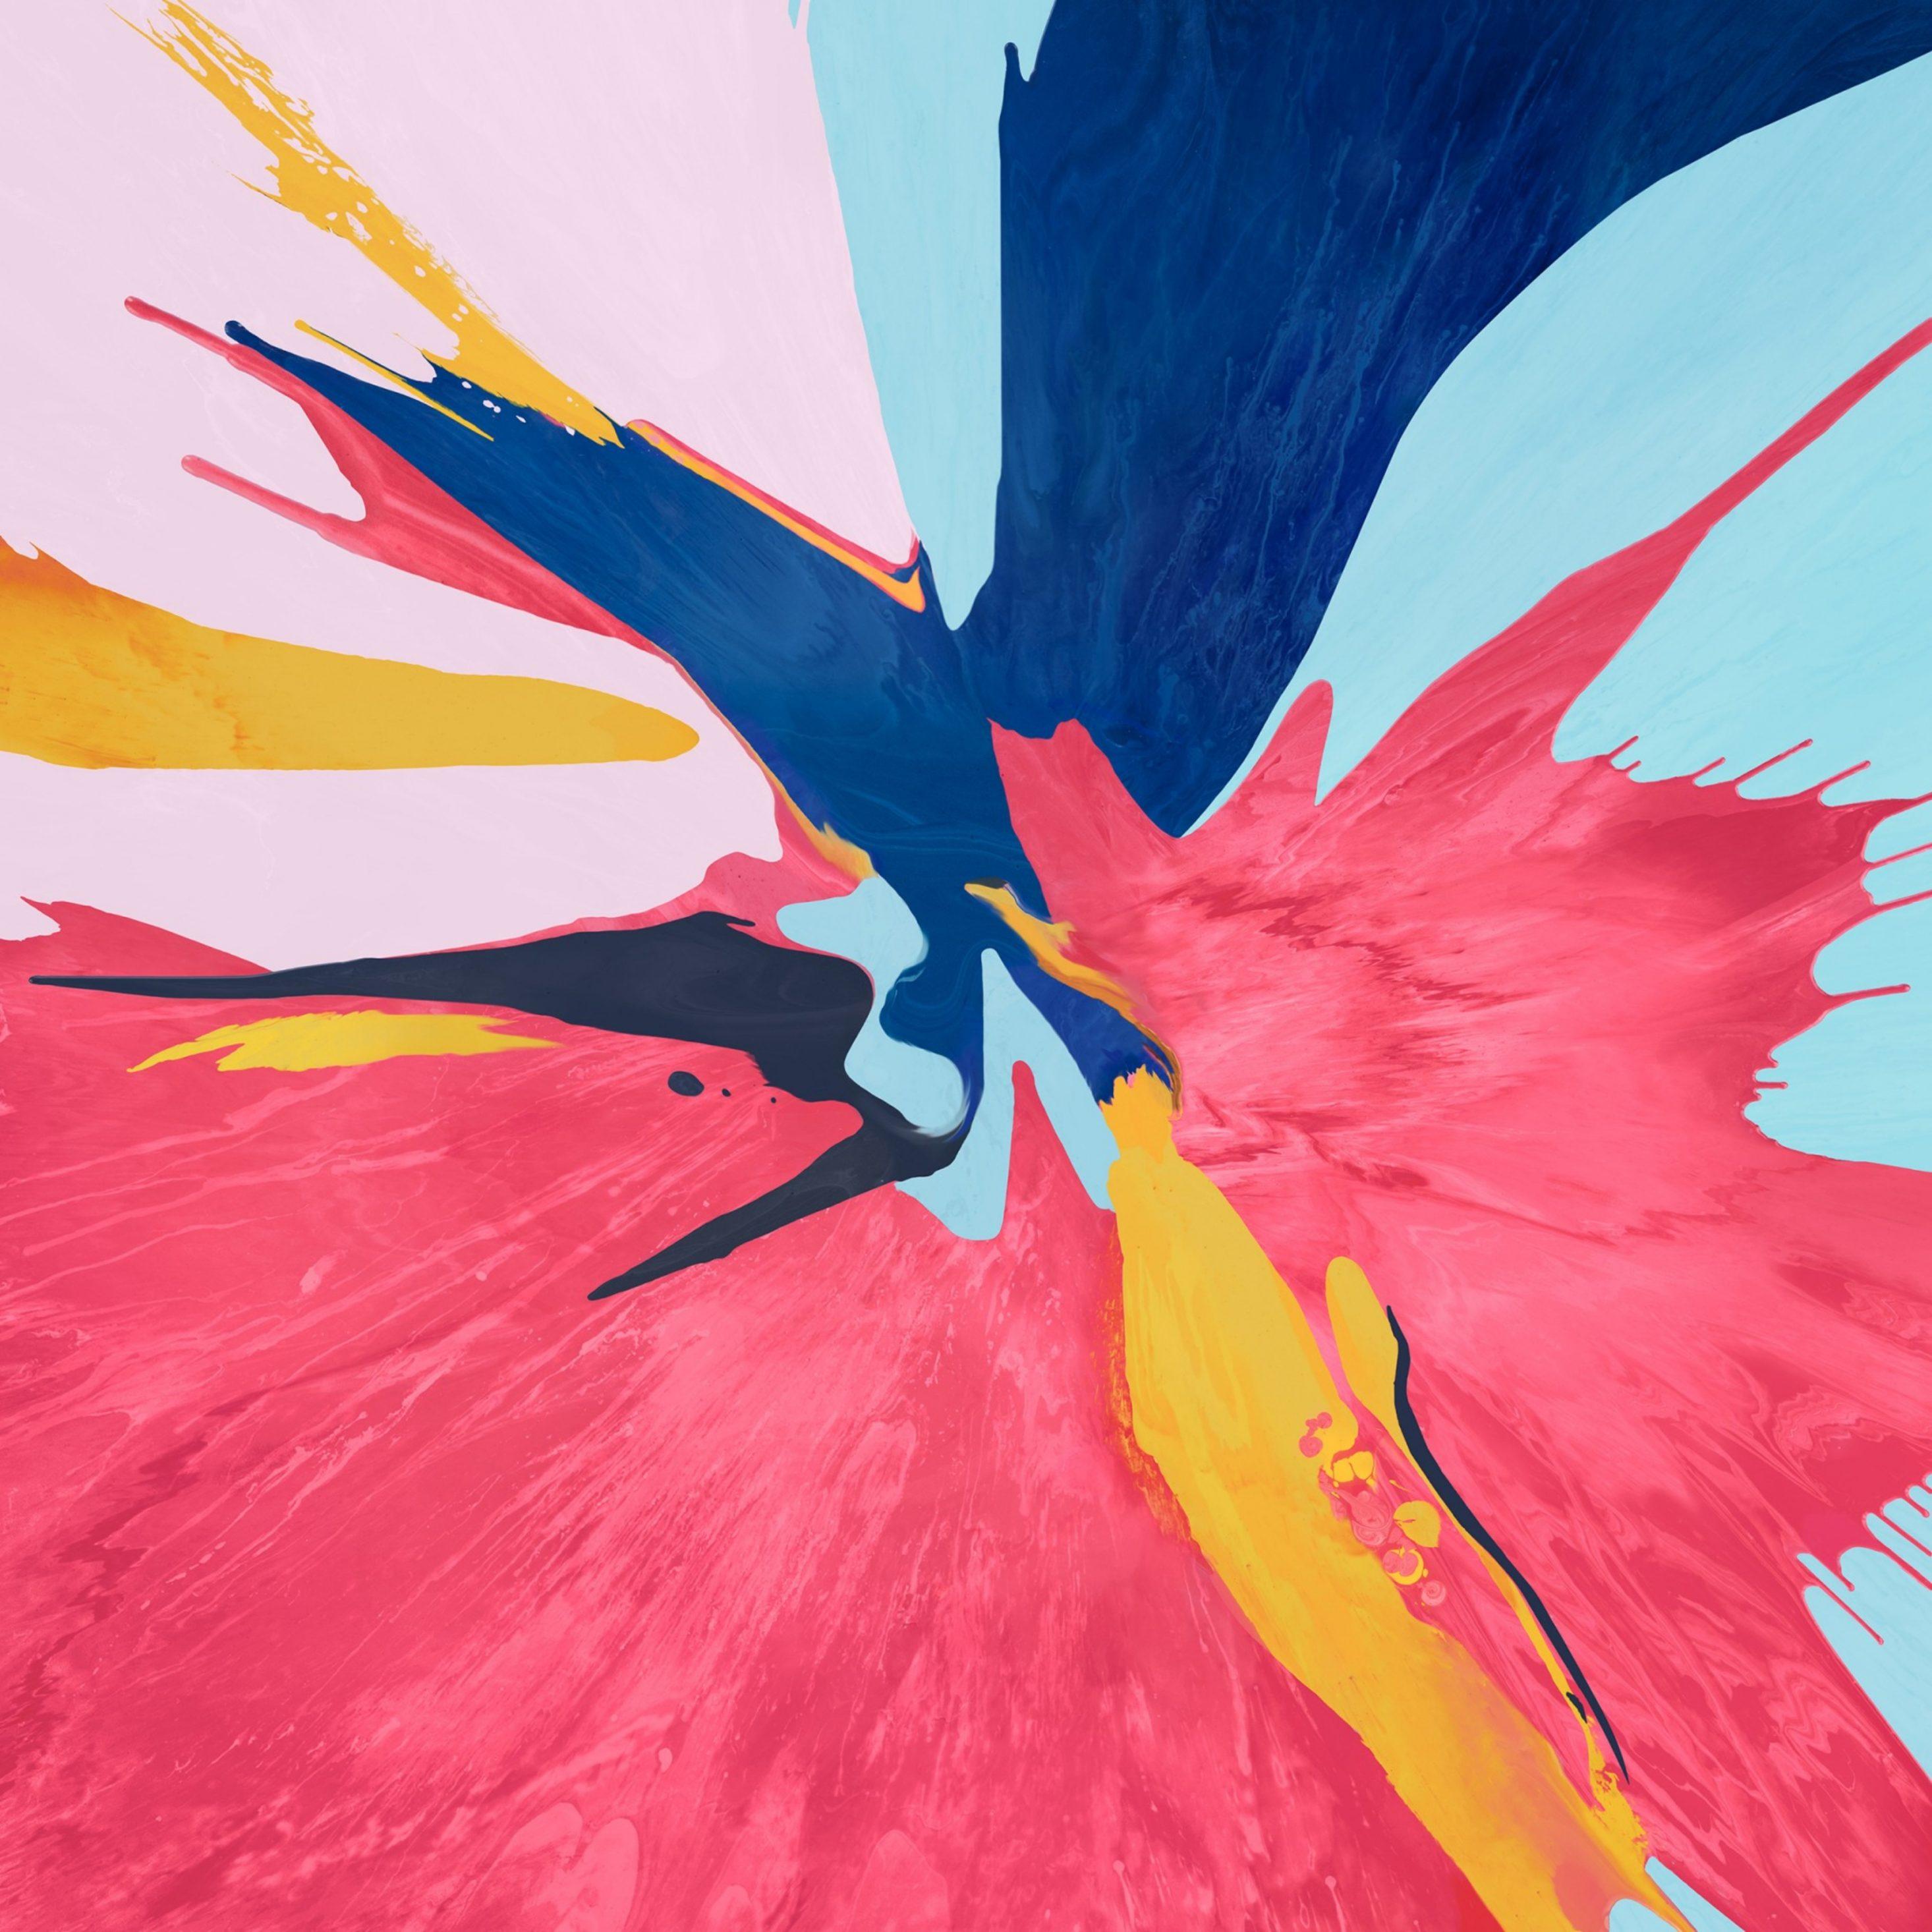 2932x2932 iPad Pro wallpaper 4k Spalsh Pink Yellow Blue Ipad Wallpaper 2932x2932 pixels resolution